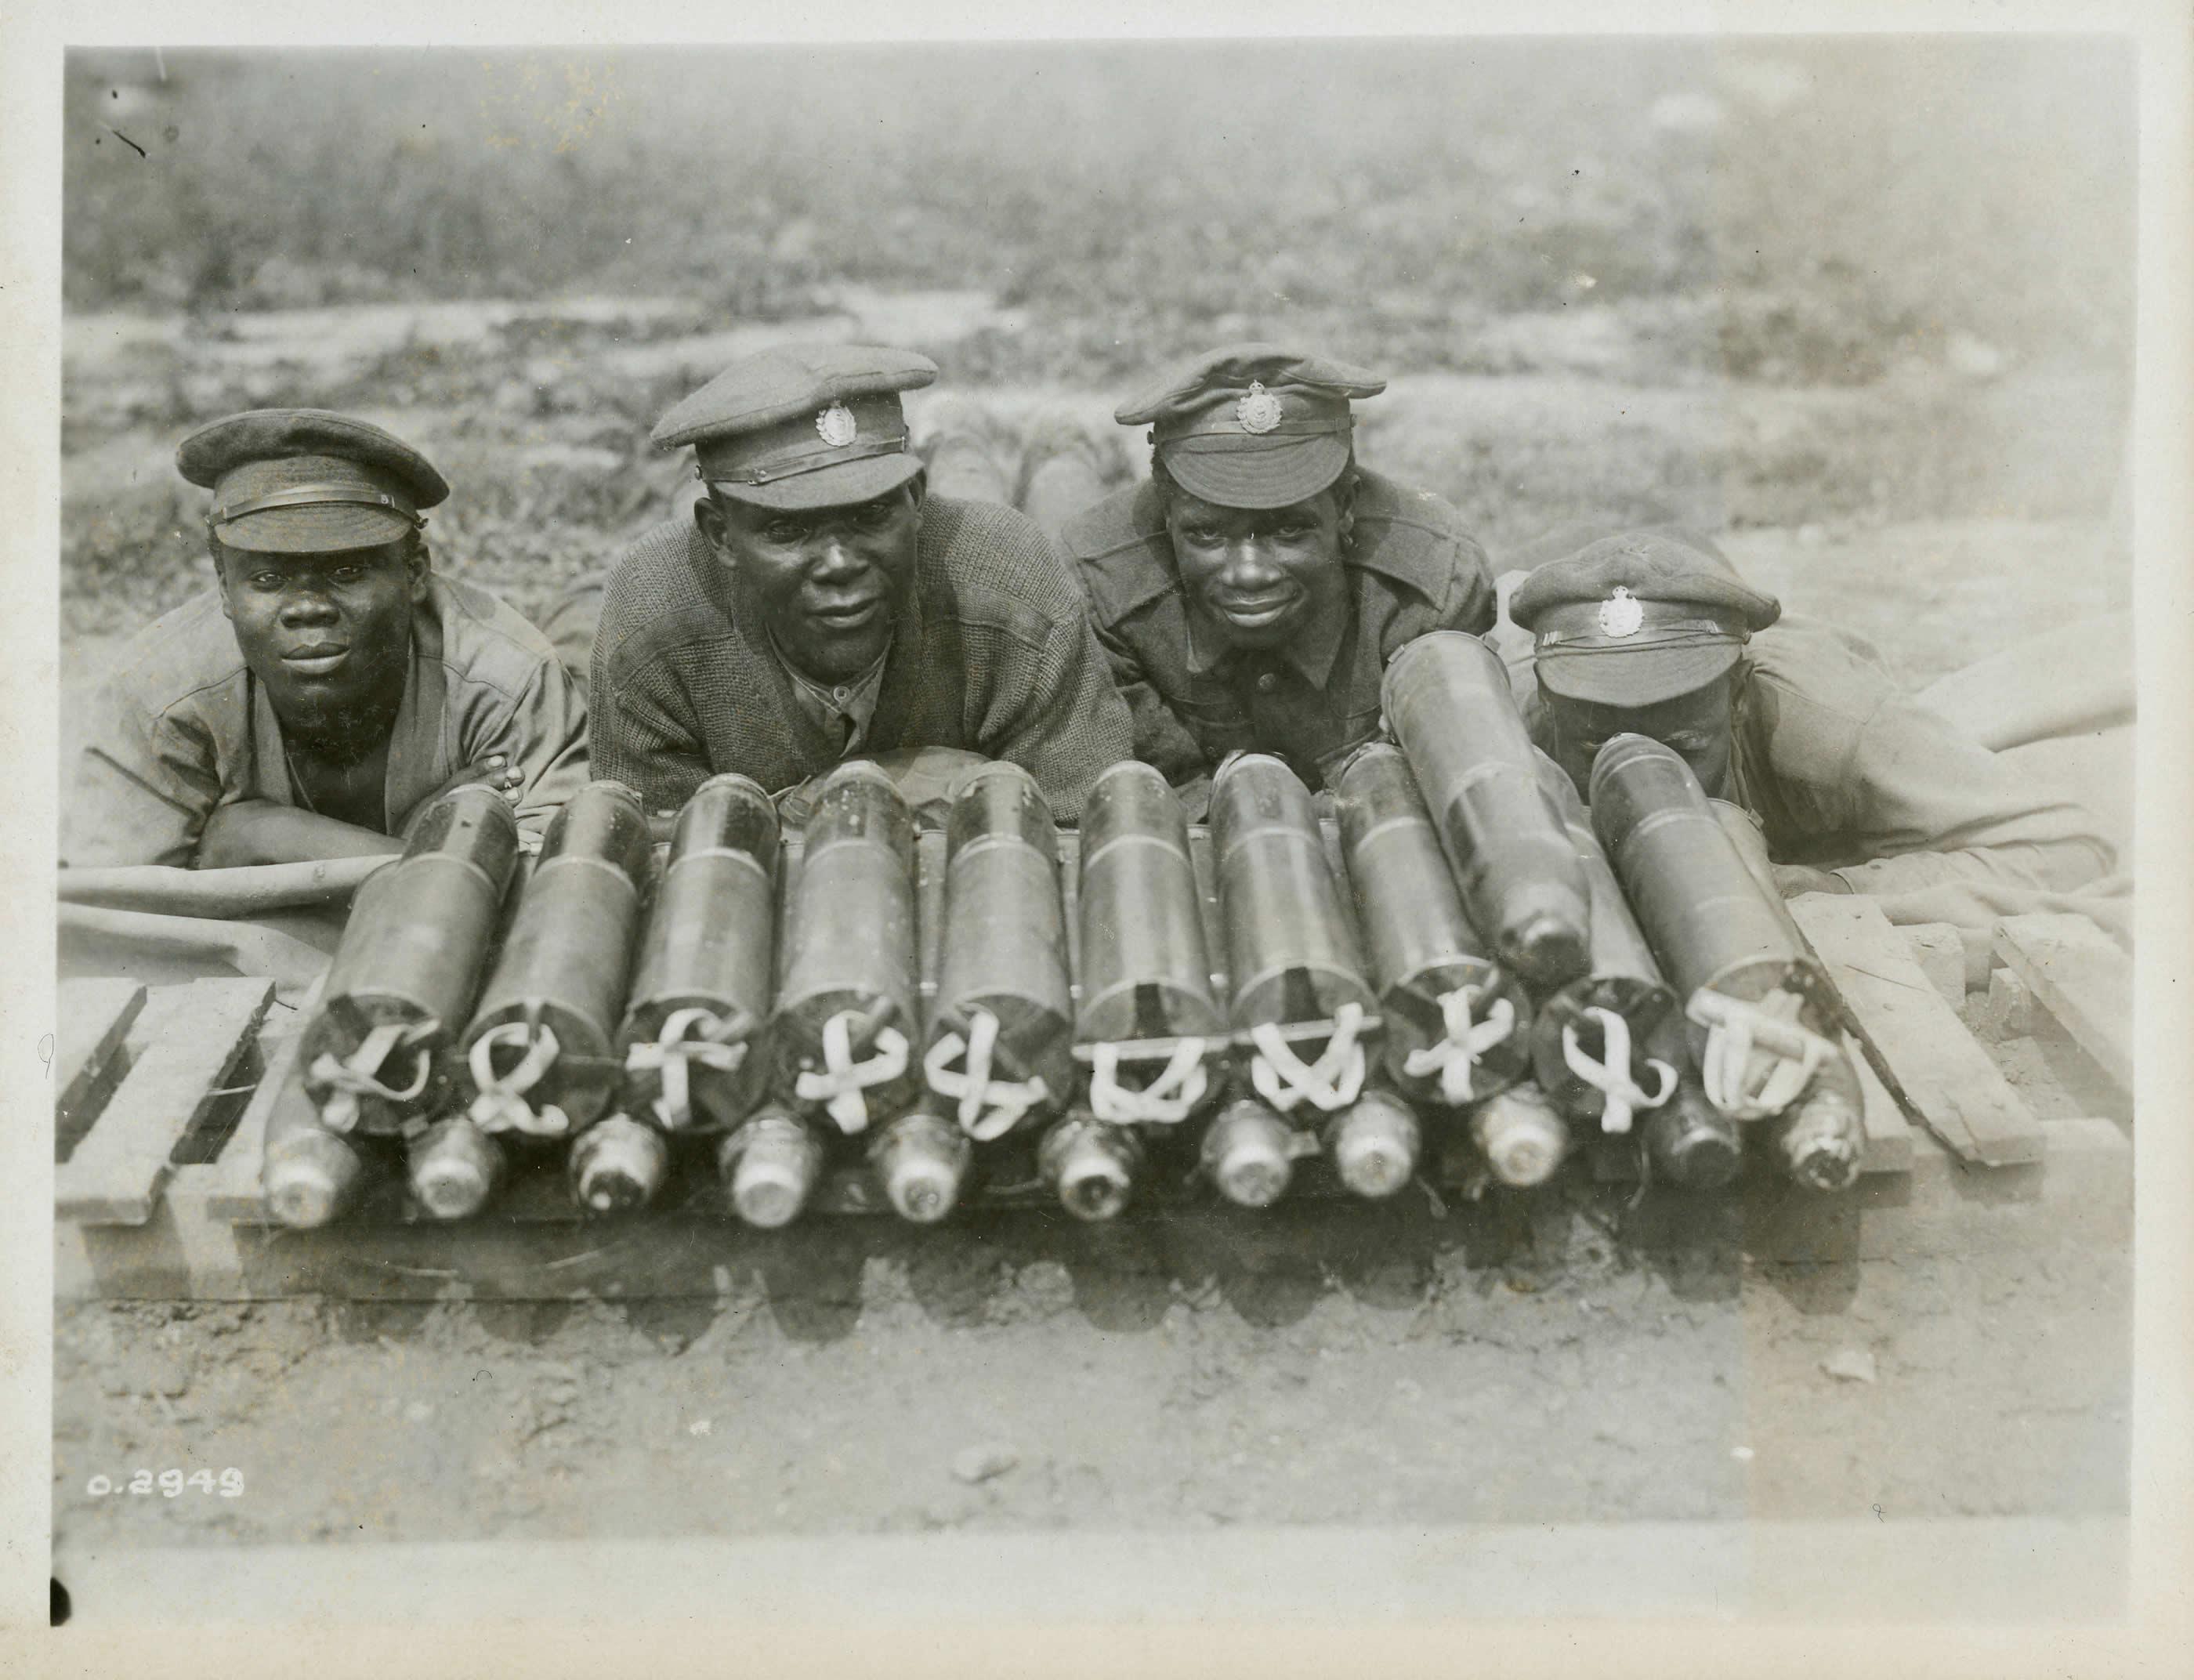 Chargement de munitions